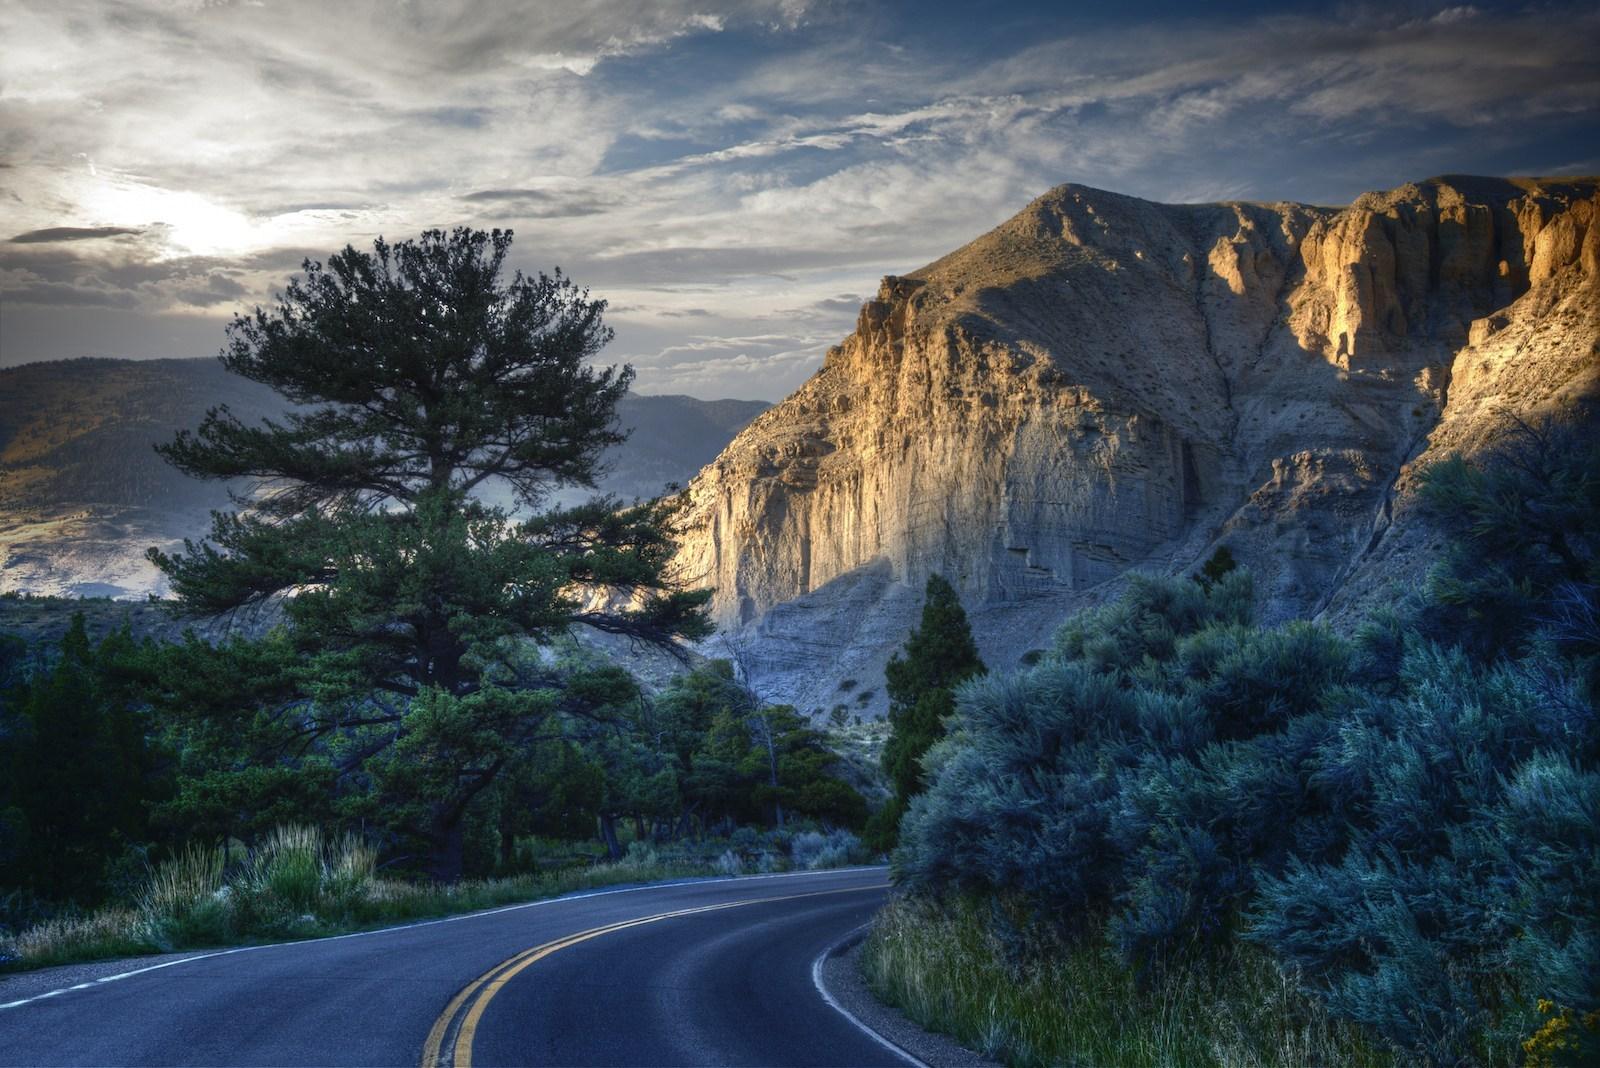 Les parcs nationaux américains rouvrent leurs portes: les voyages aux États-Unis accueillent favorablement la stratégie